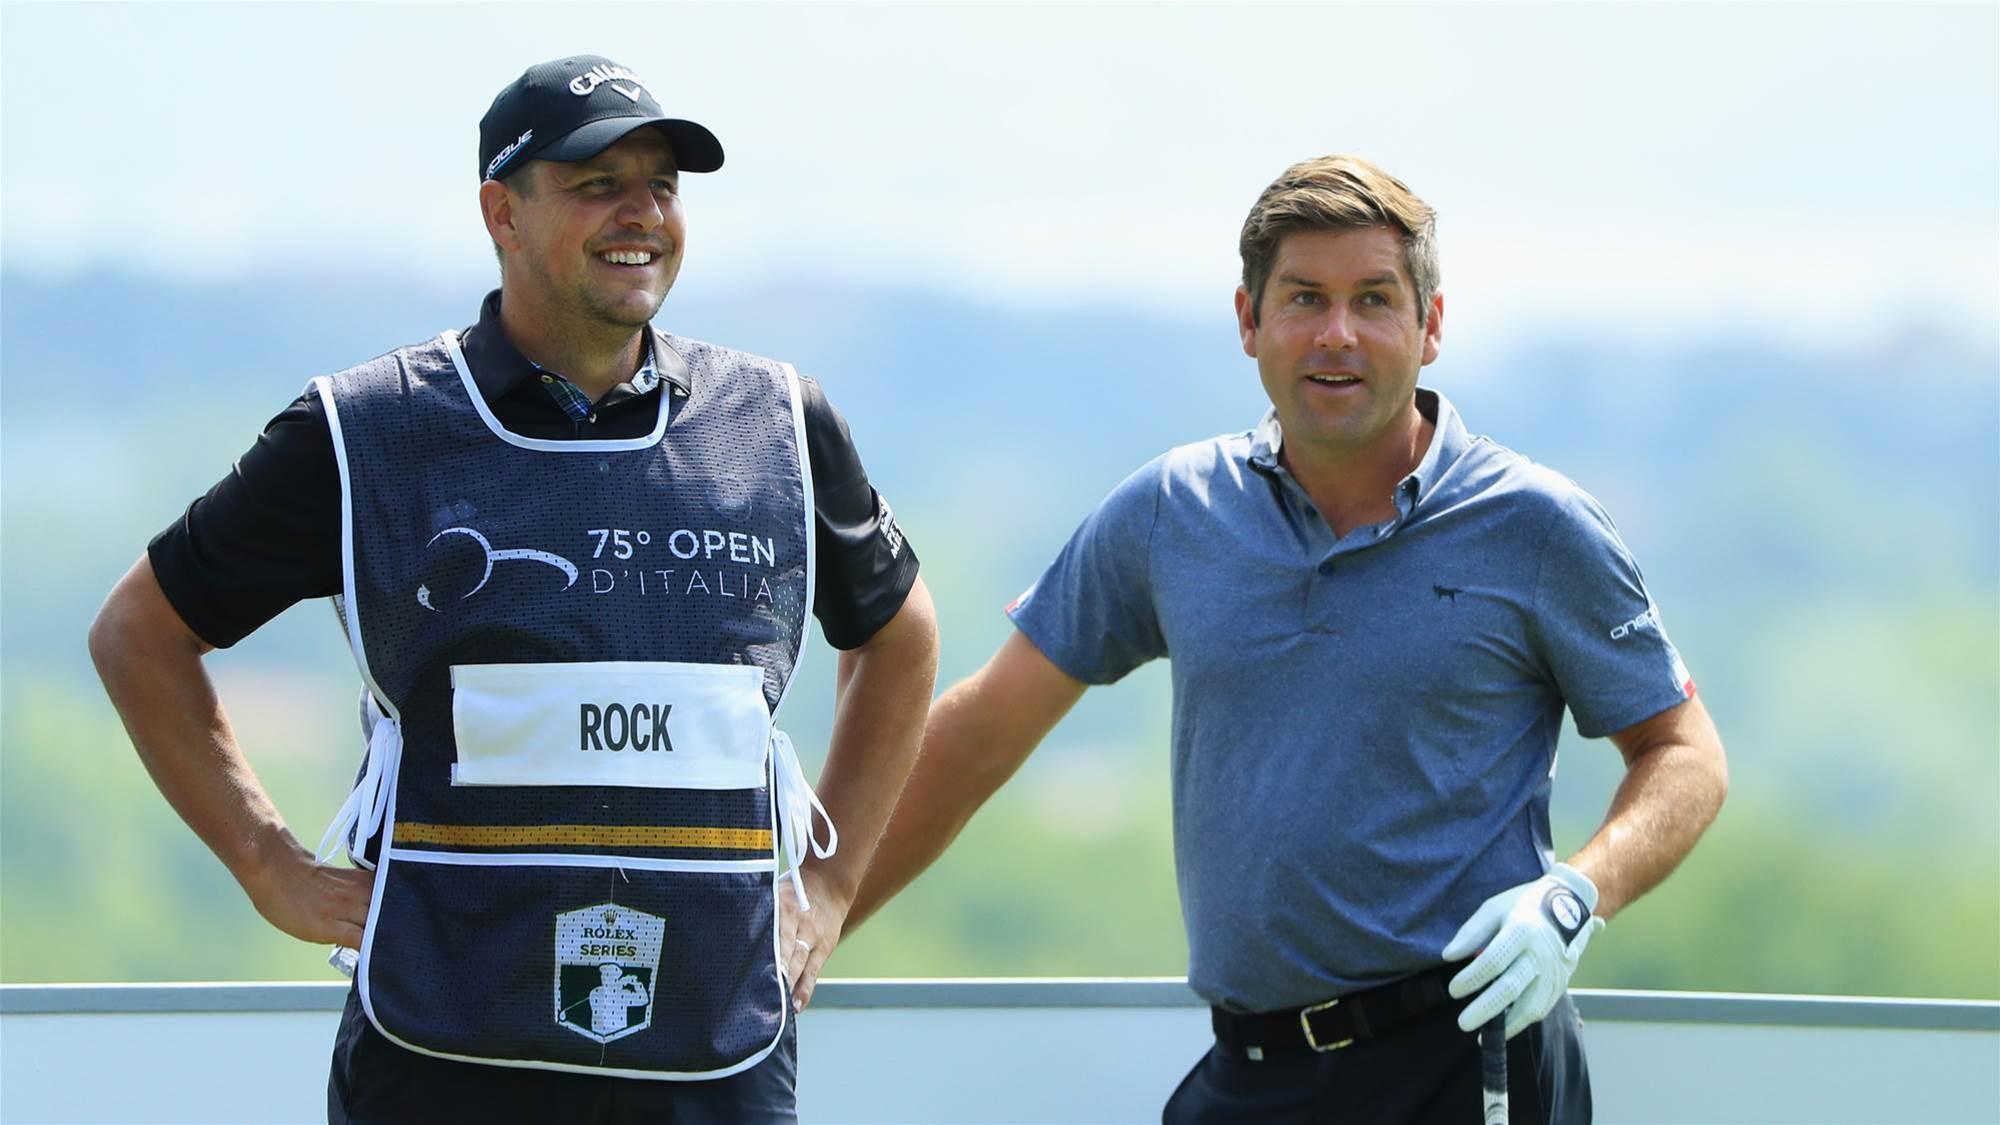 Rock, Canter & Sterne lead Italian Open